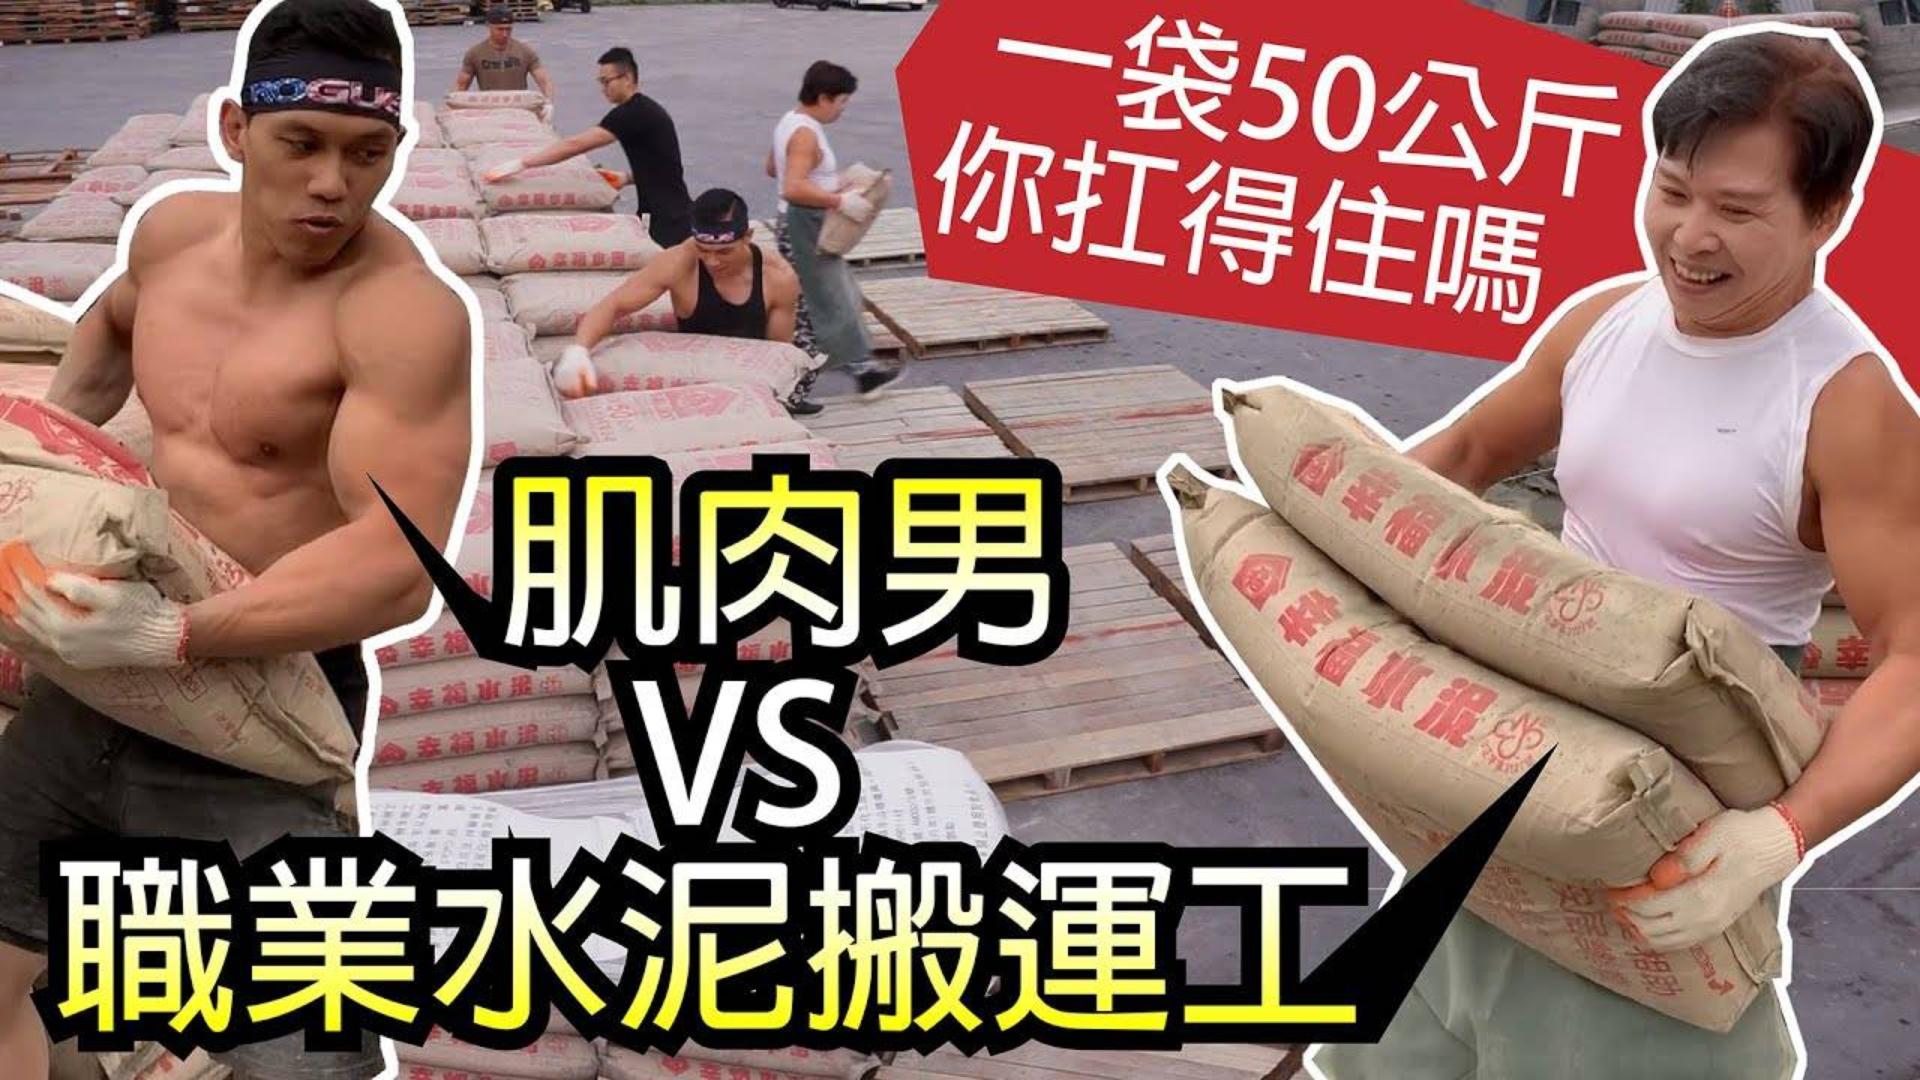 【肌肉男VS职业水泥搬运工】谁能最快搬完一百包?!